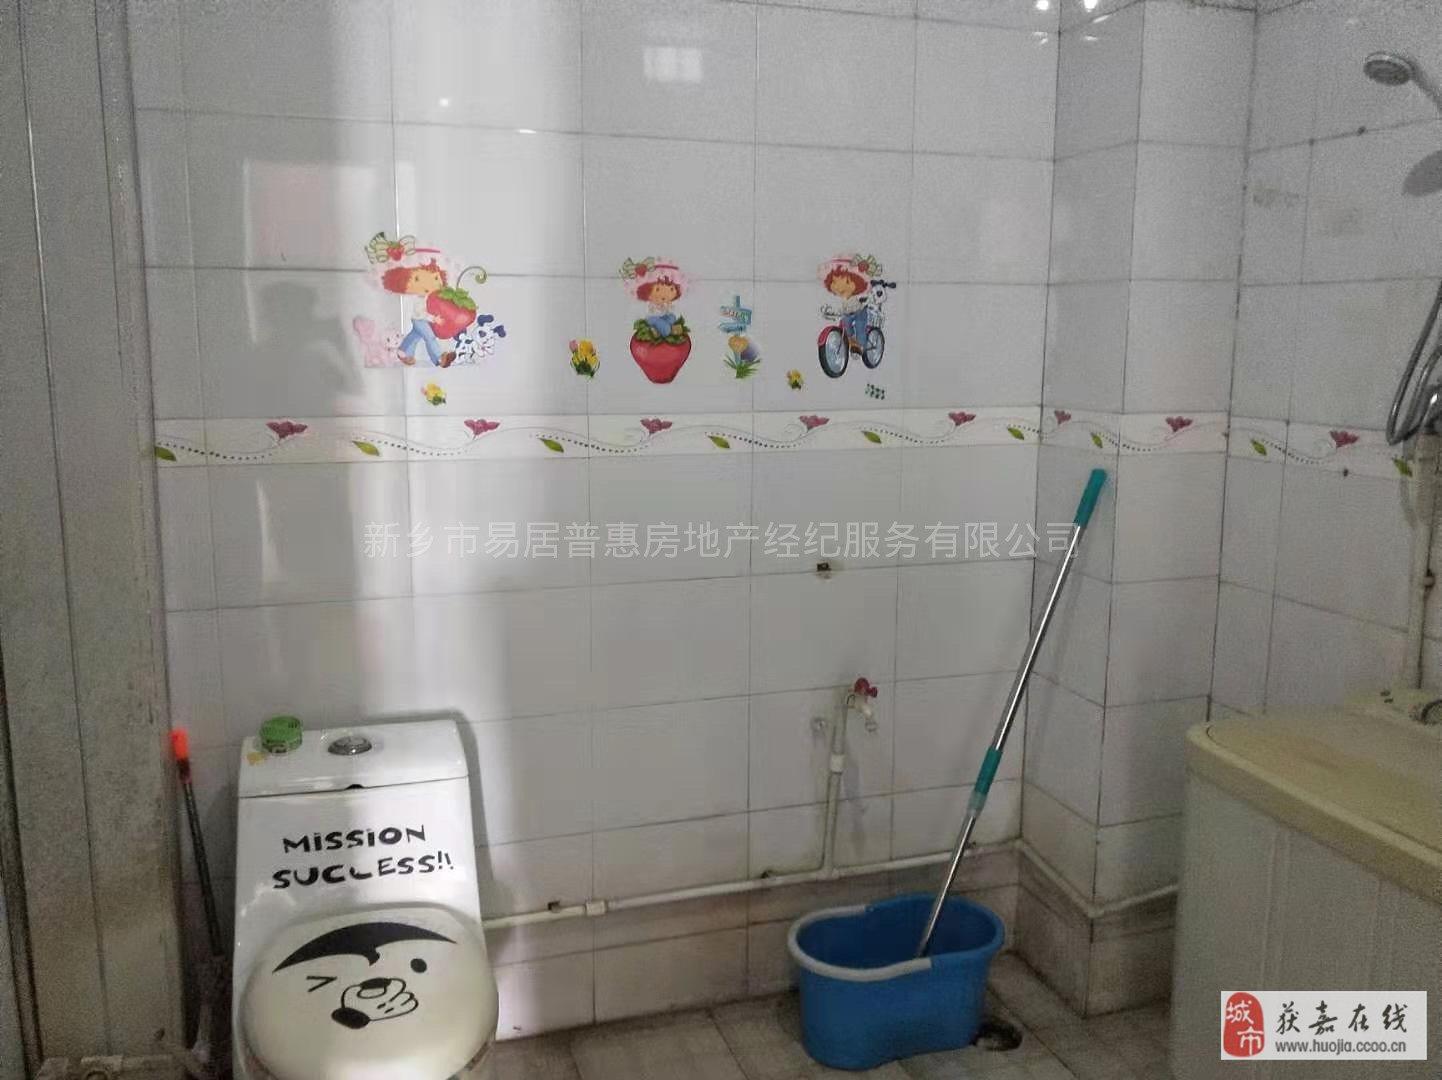 【易居普惠】明高一期裝修房帶地下室